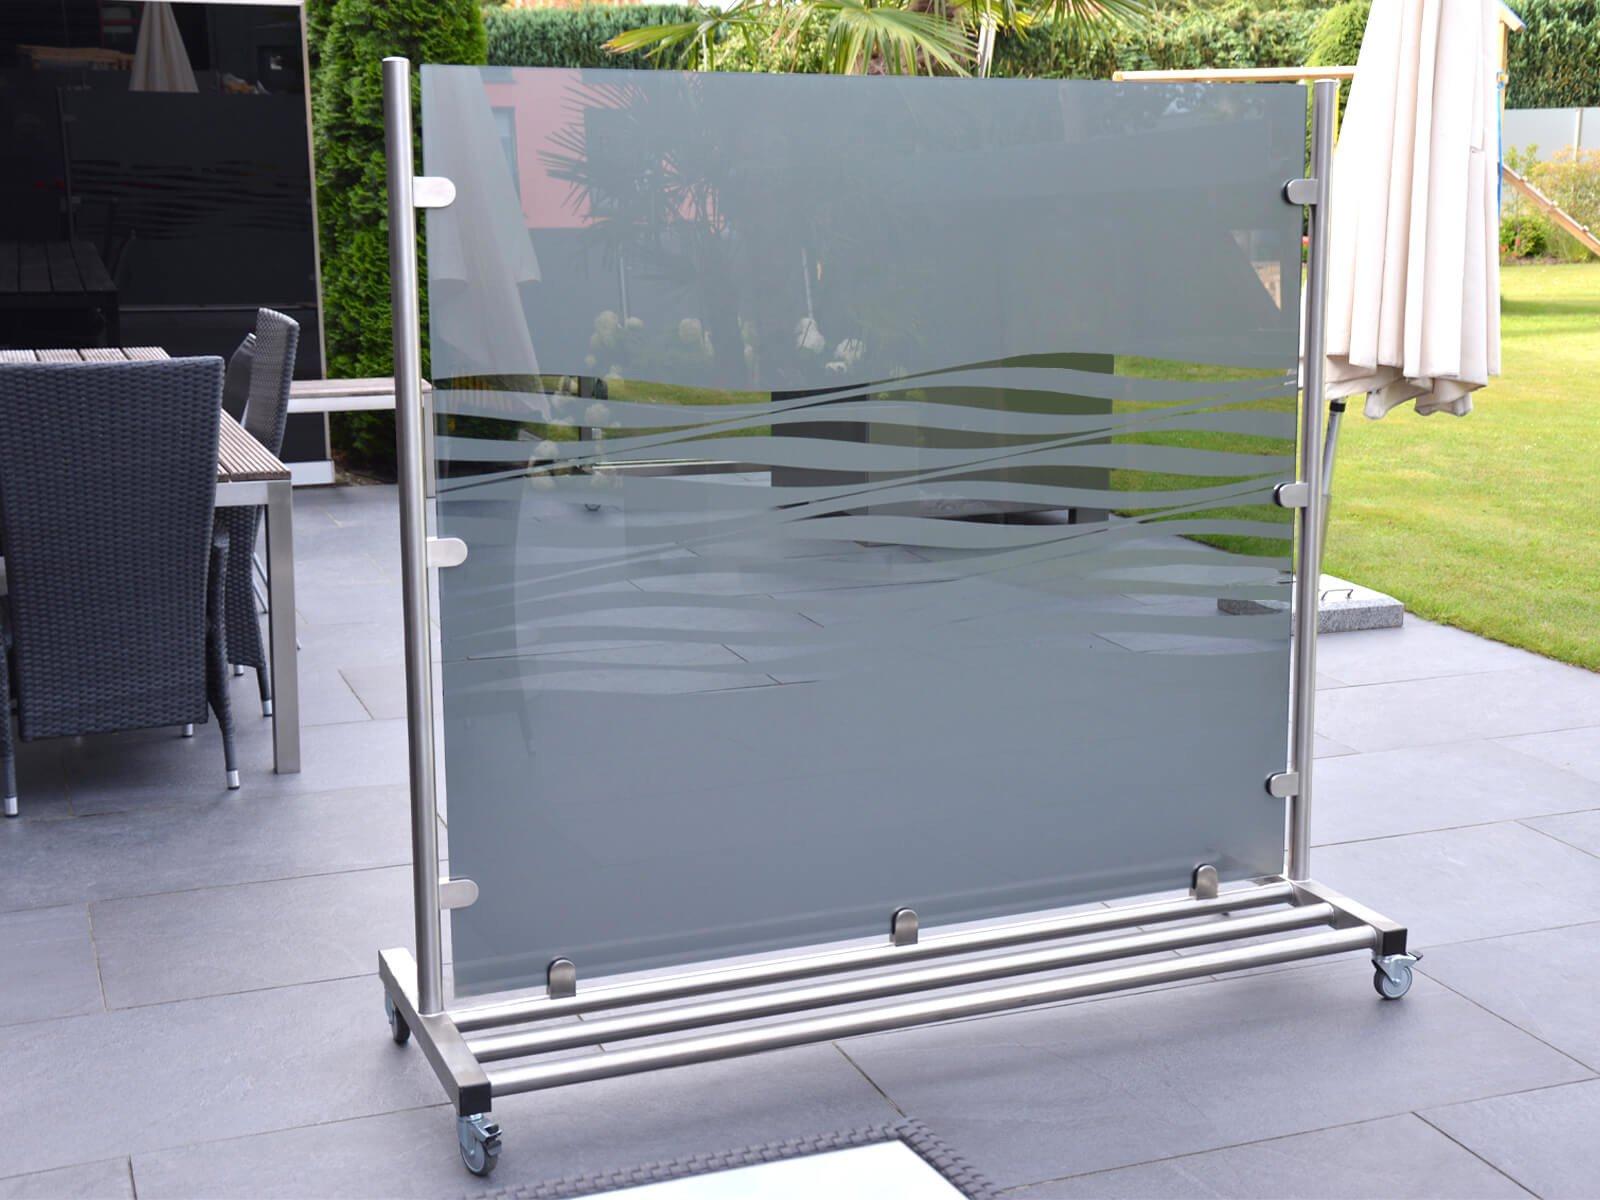 Freistehender Wind- und Sichtschutz aus Glas